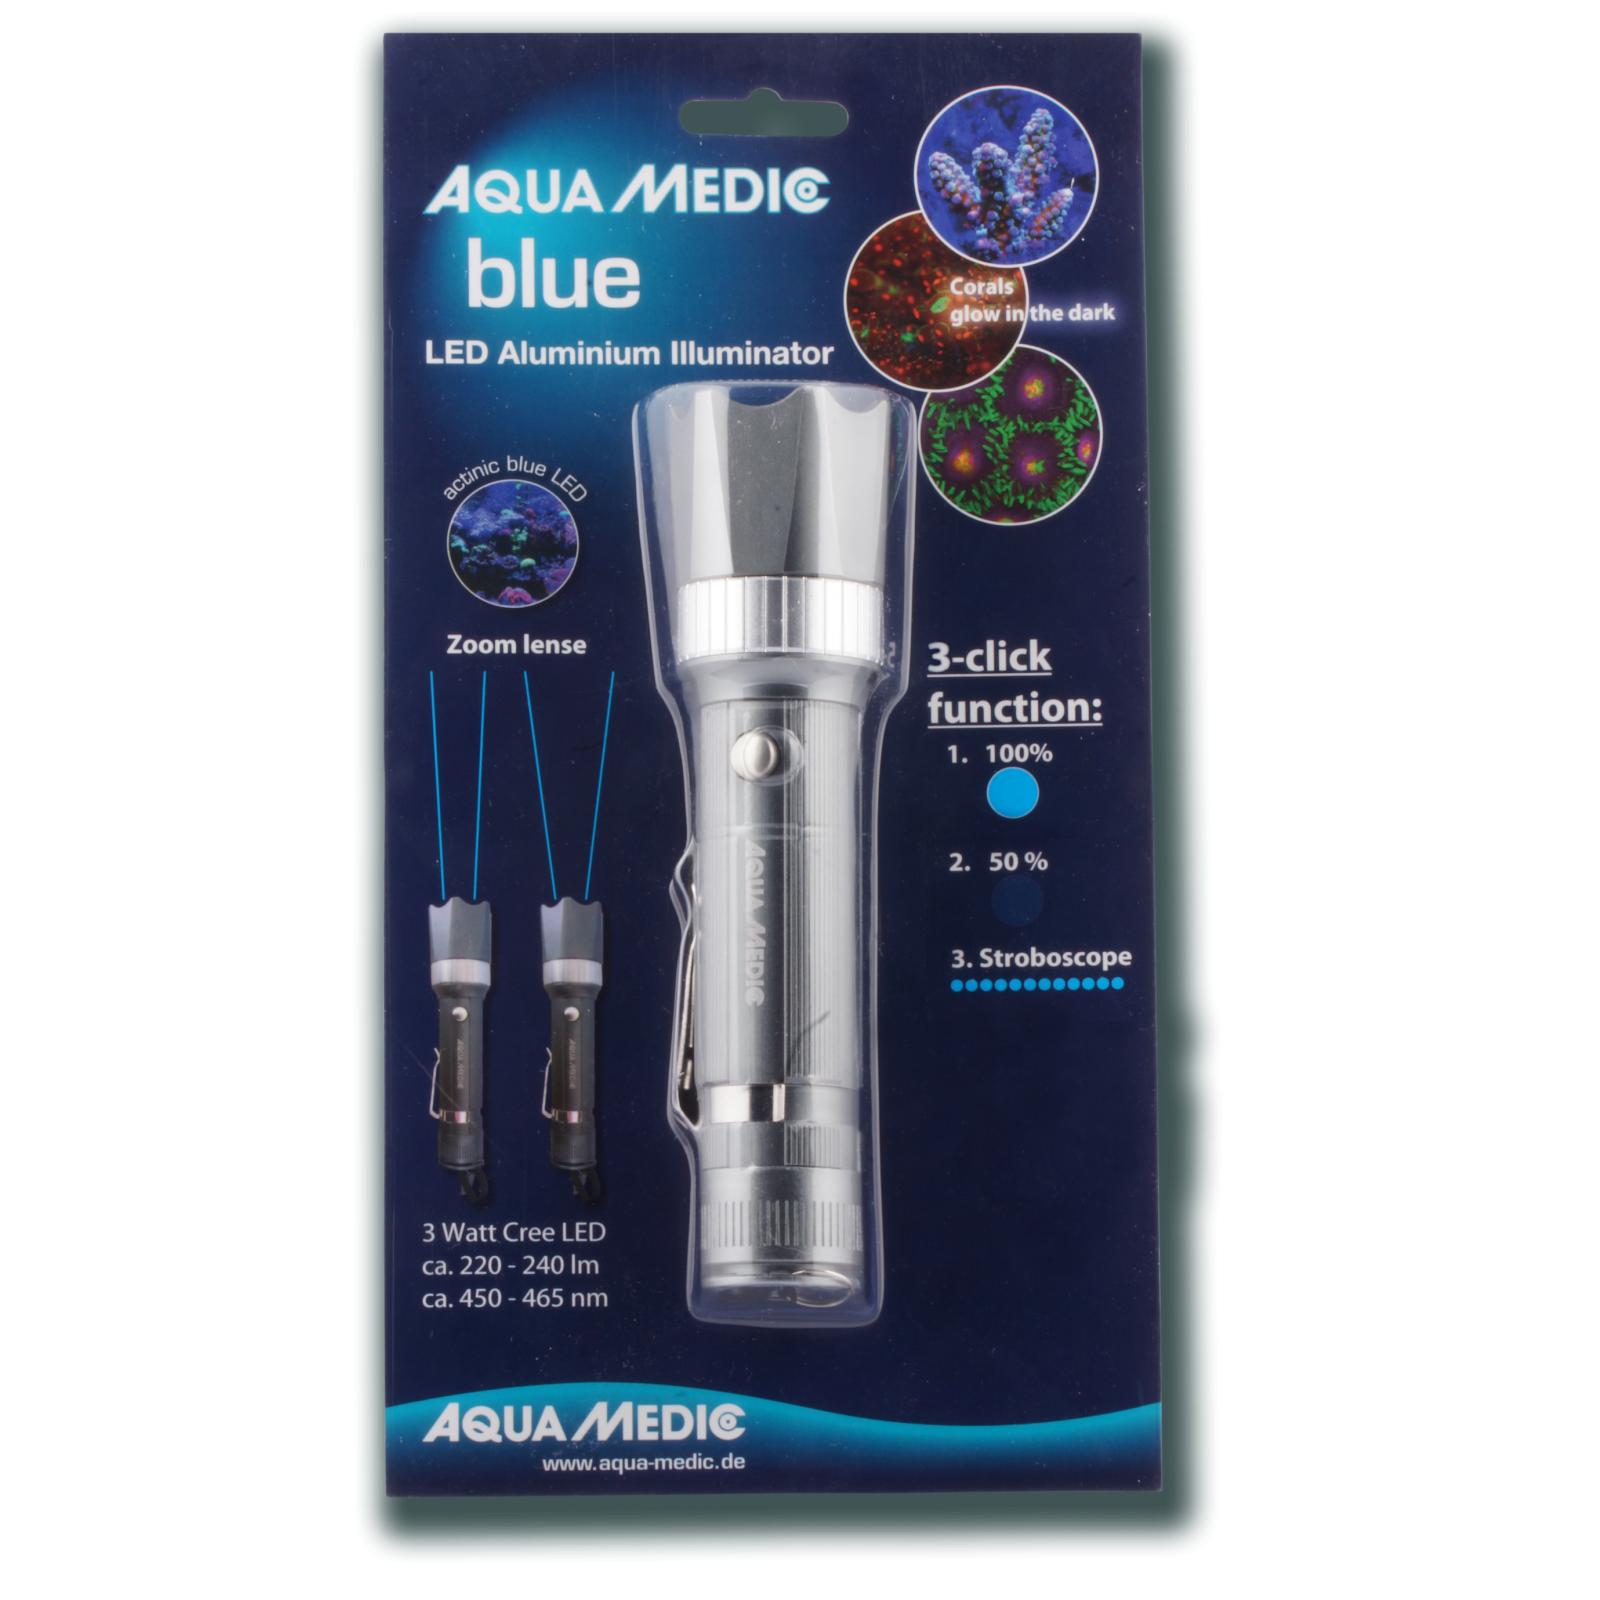 AQUA MEDIC Blue lampe de poche en aluminium avec LED permettant de mettre en évidence la fluorescence des coraux